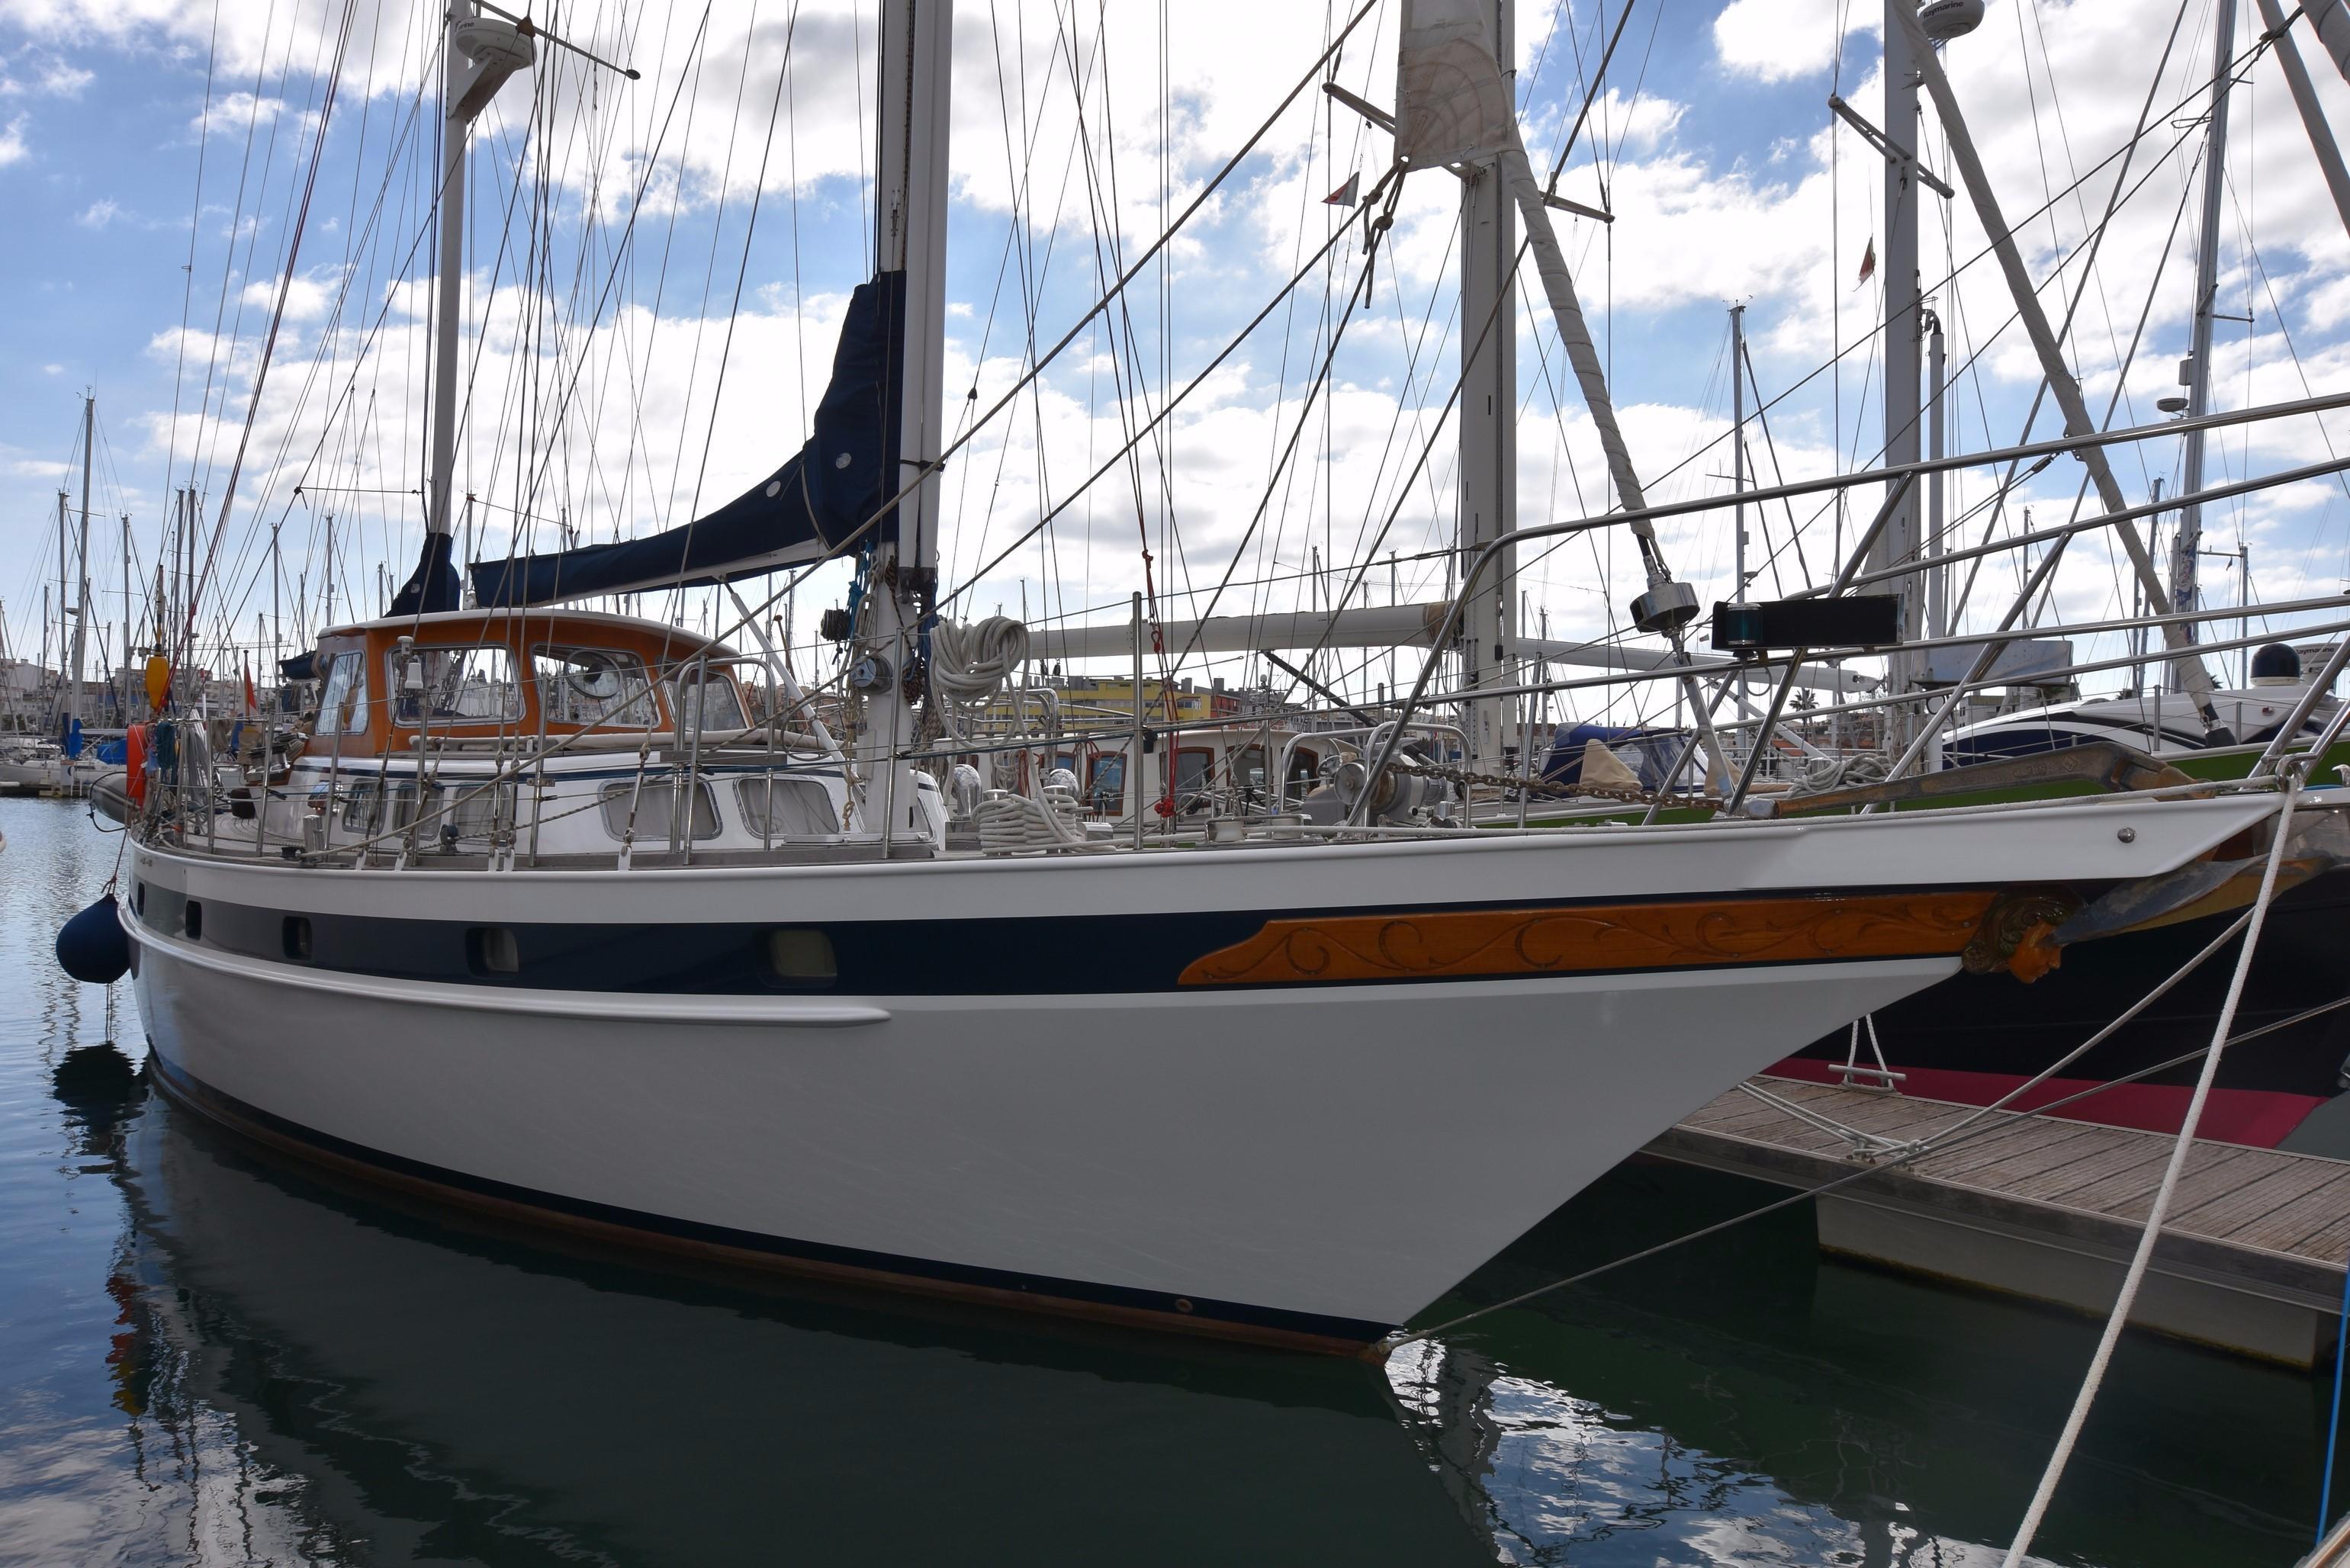 1981 Jongert 16S Sail Boat For Sale Wwwyachtworldcom